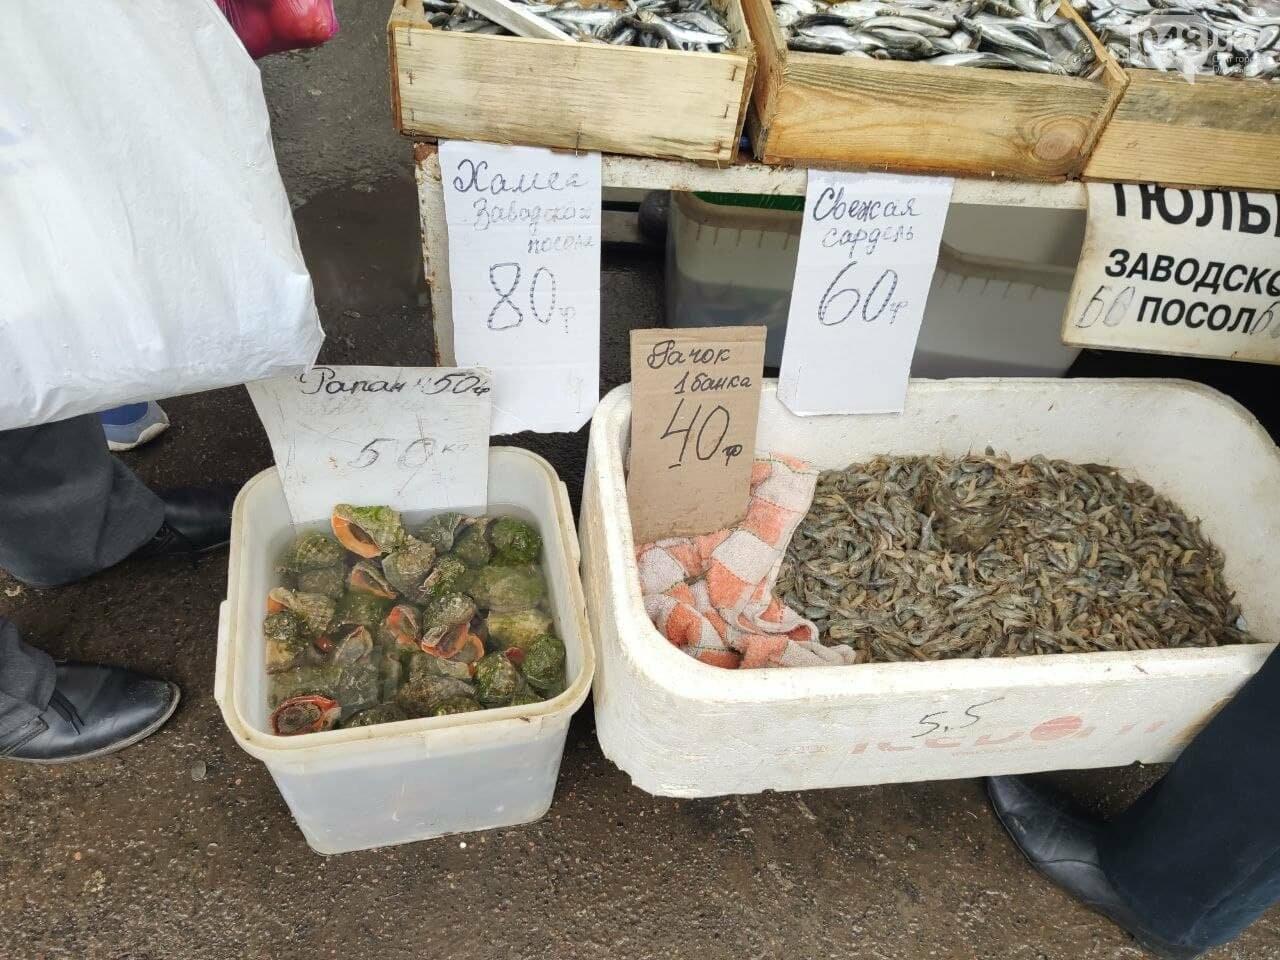 Мясо, рыба, молоко: какие цены на одесском Привозе, - ФОТО, фото-4